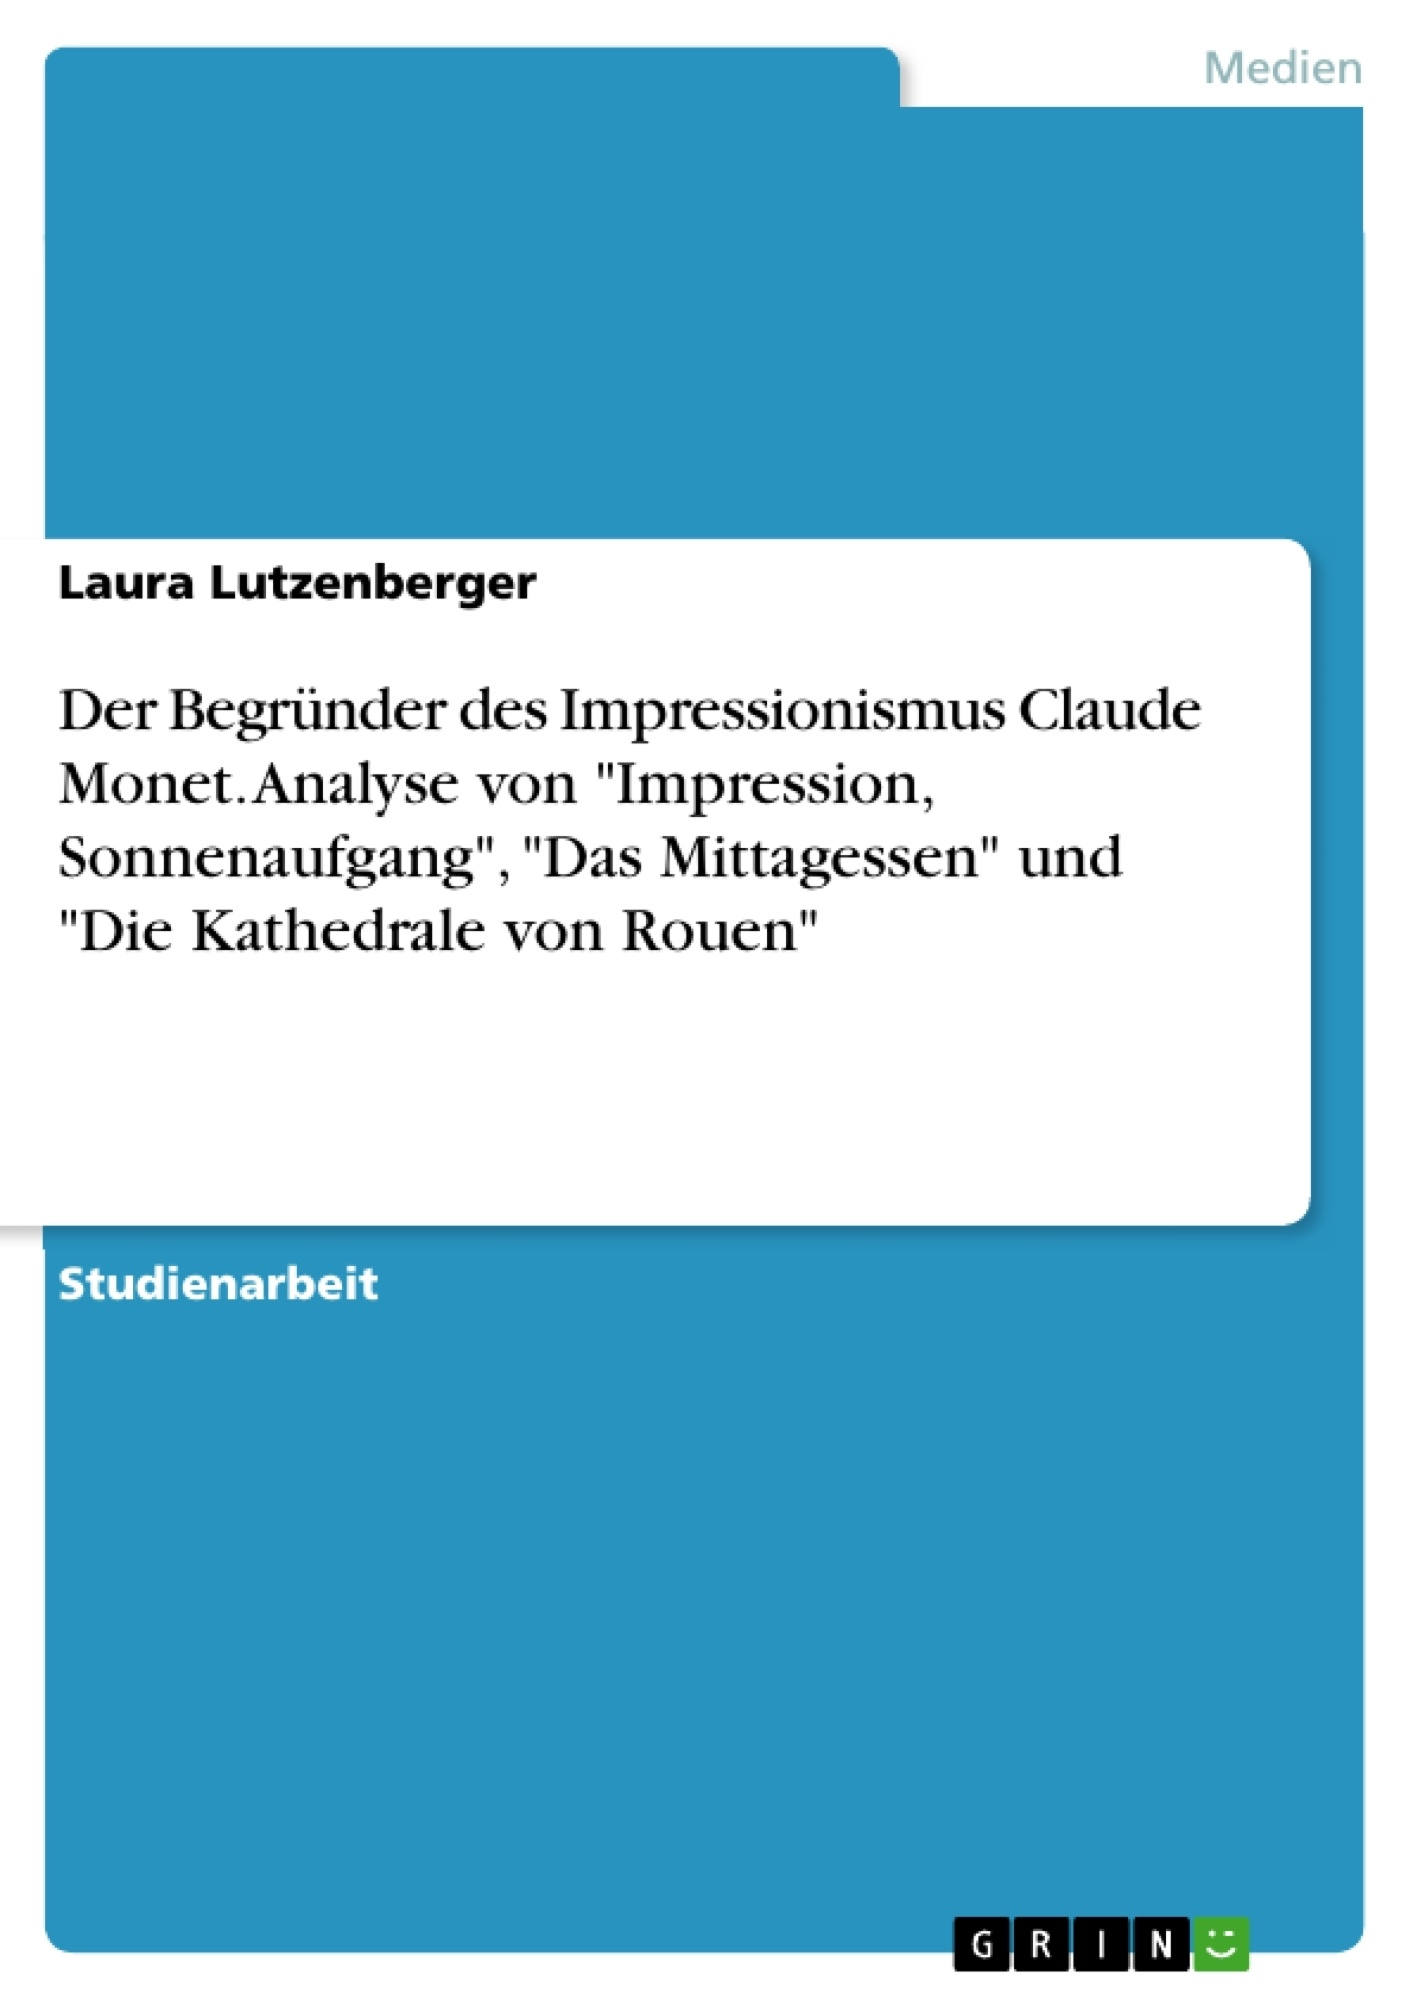 """Titel: Der Begründer des Impressionismus Claude Monet. Analyse von """"Impression, Sonnenaufgang"""", """"Das Mittagessen"""" und """"Die Kathedrale von Rouen"""""""